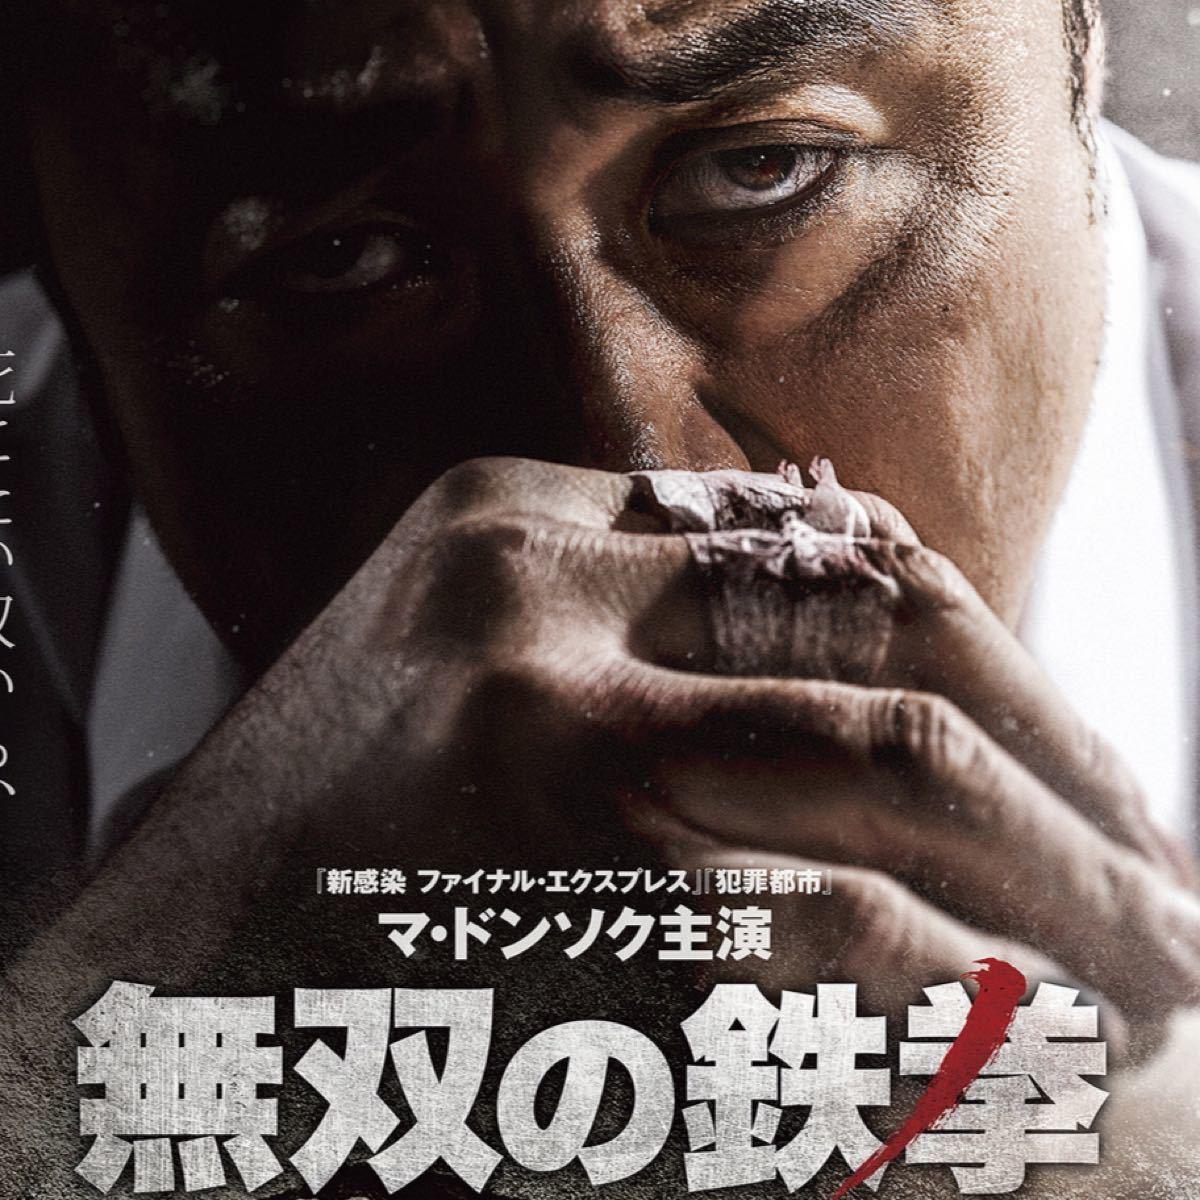 韓国映画  無双の鉄拳  マ・ドンソク  DVD  日本語吹替有り  レーベル有り